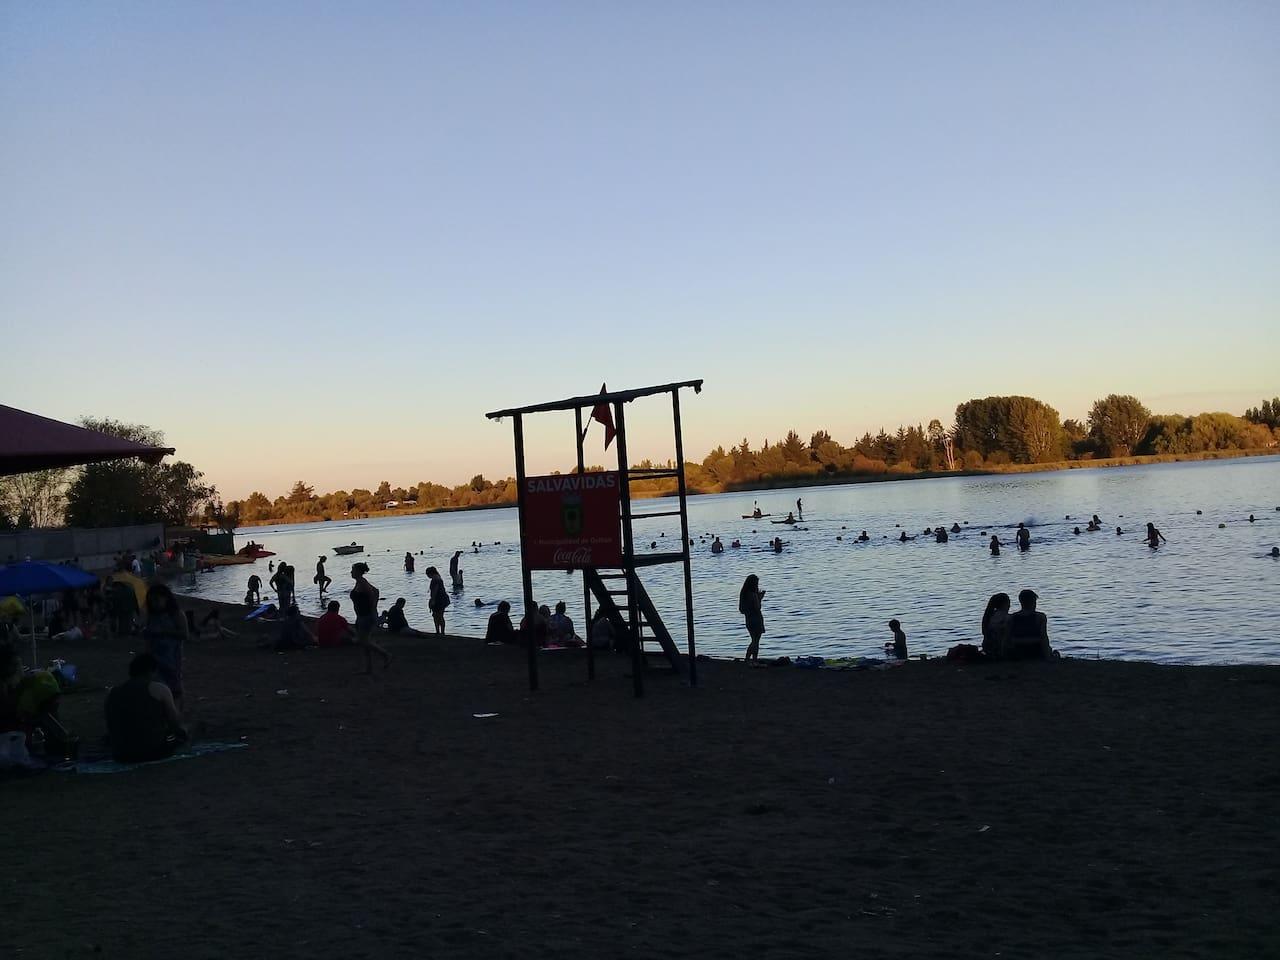 Laguna Avendaño, Quillón. Balneario Municipal. Estamos a 600 metros de distancia del Balneario Municipal